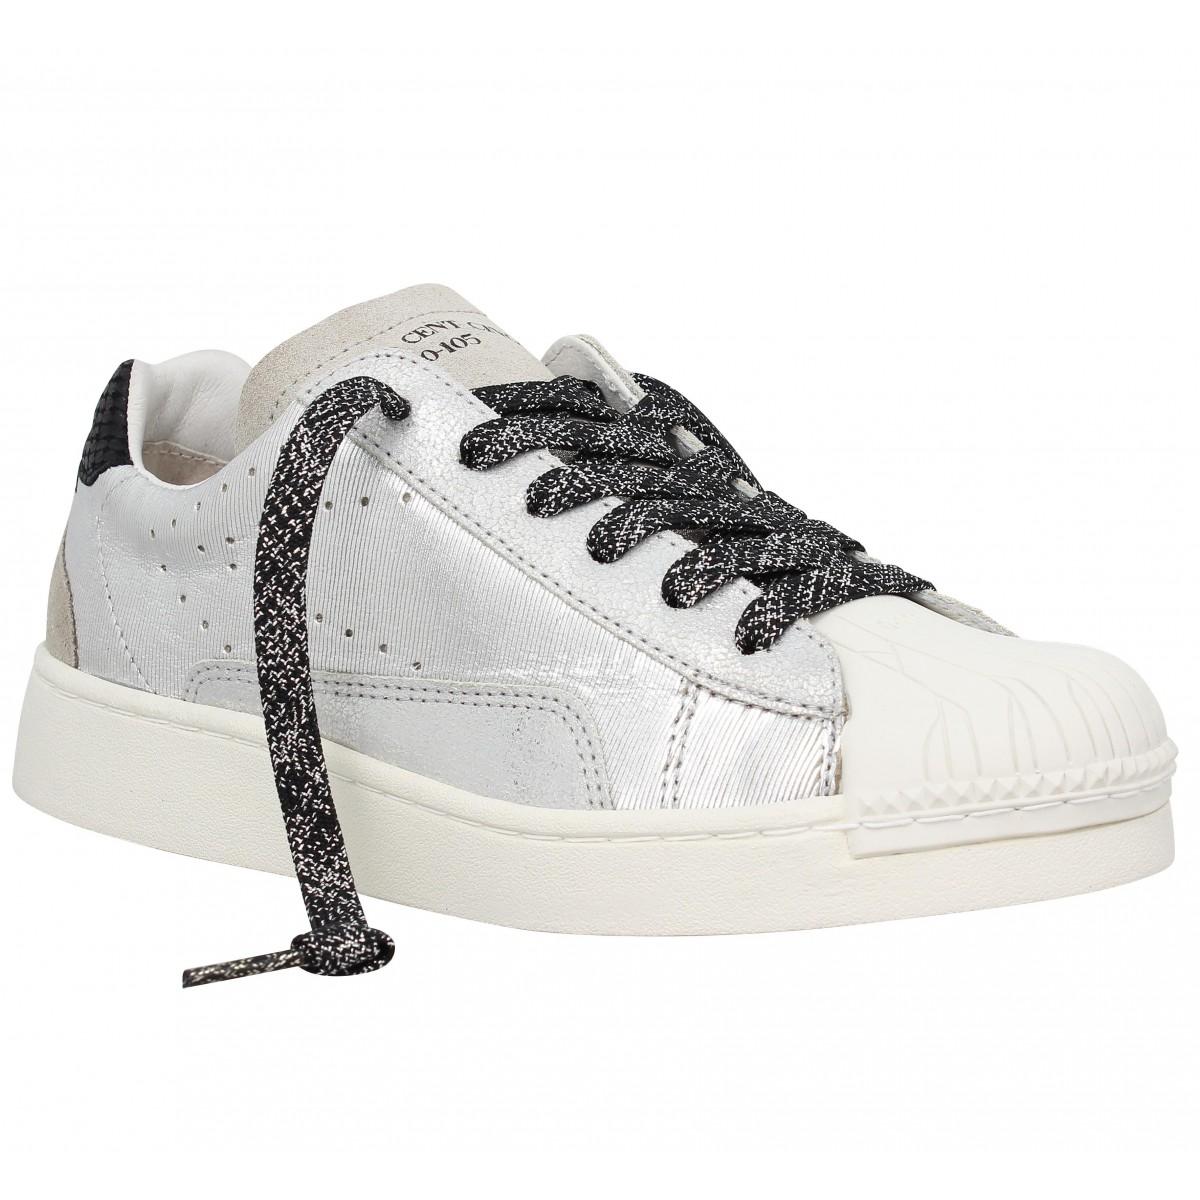 Chaussures - Bas-tops Et Baskets 0-105 Zéro Cent Five mD1bjU